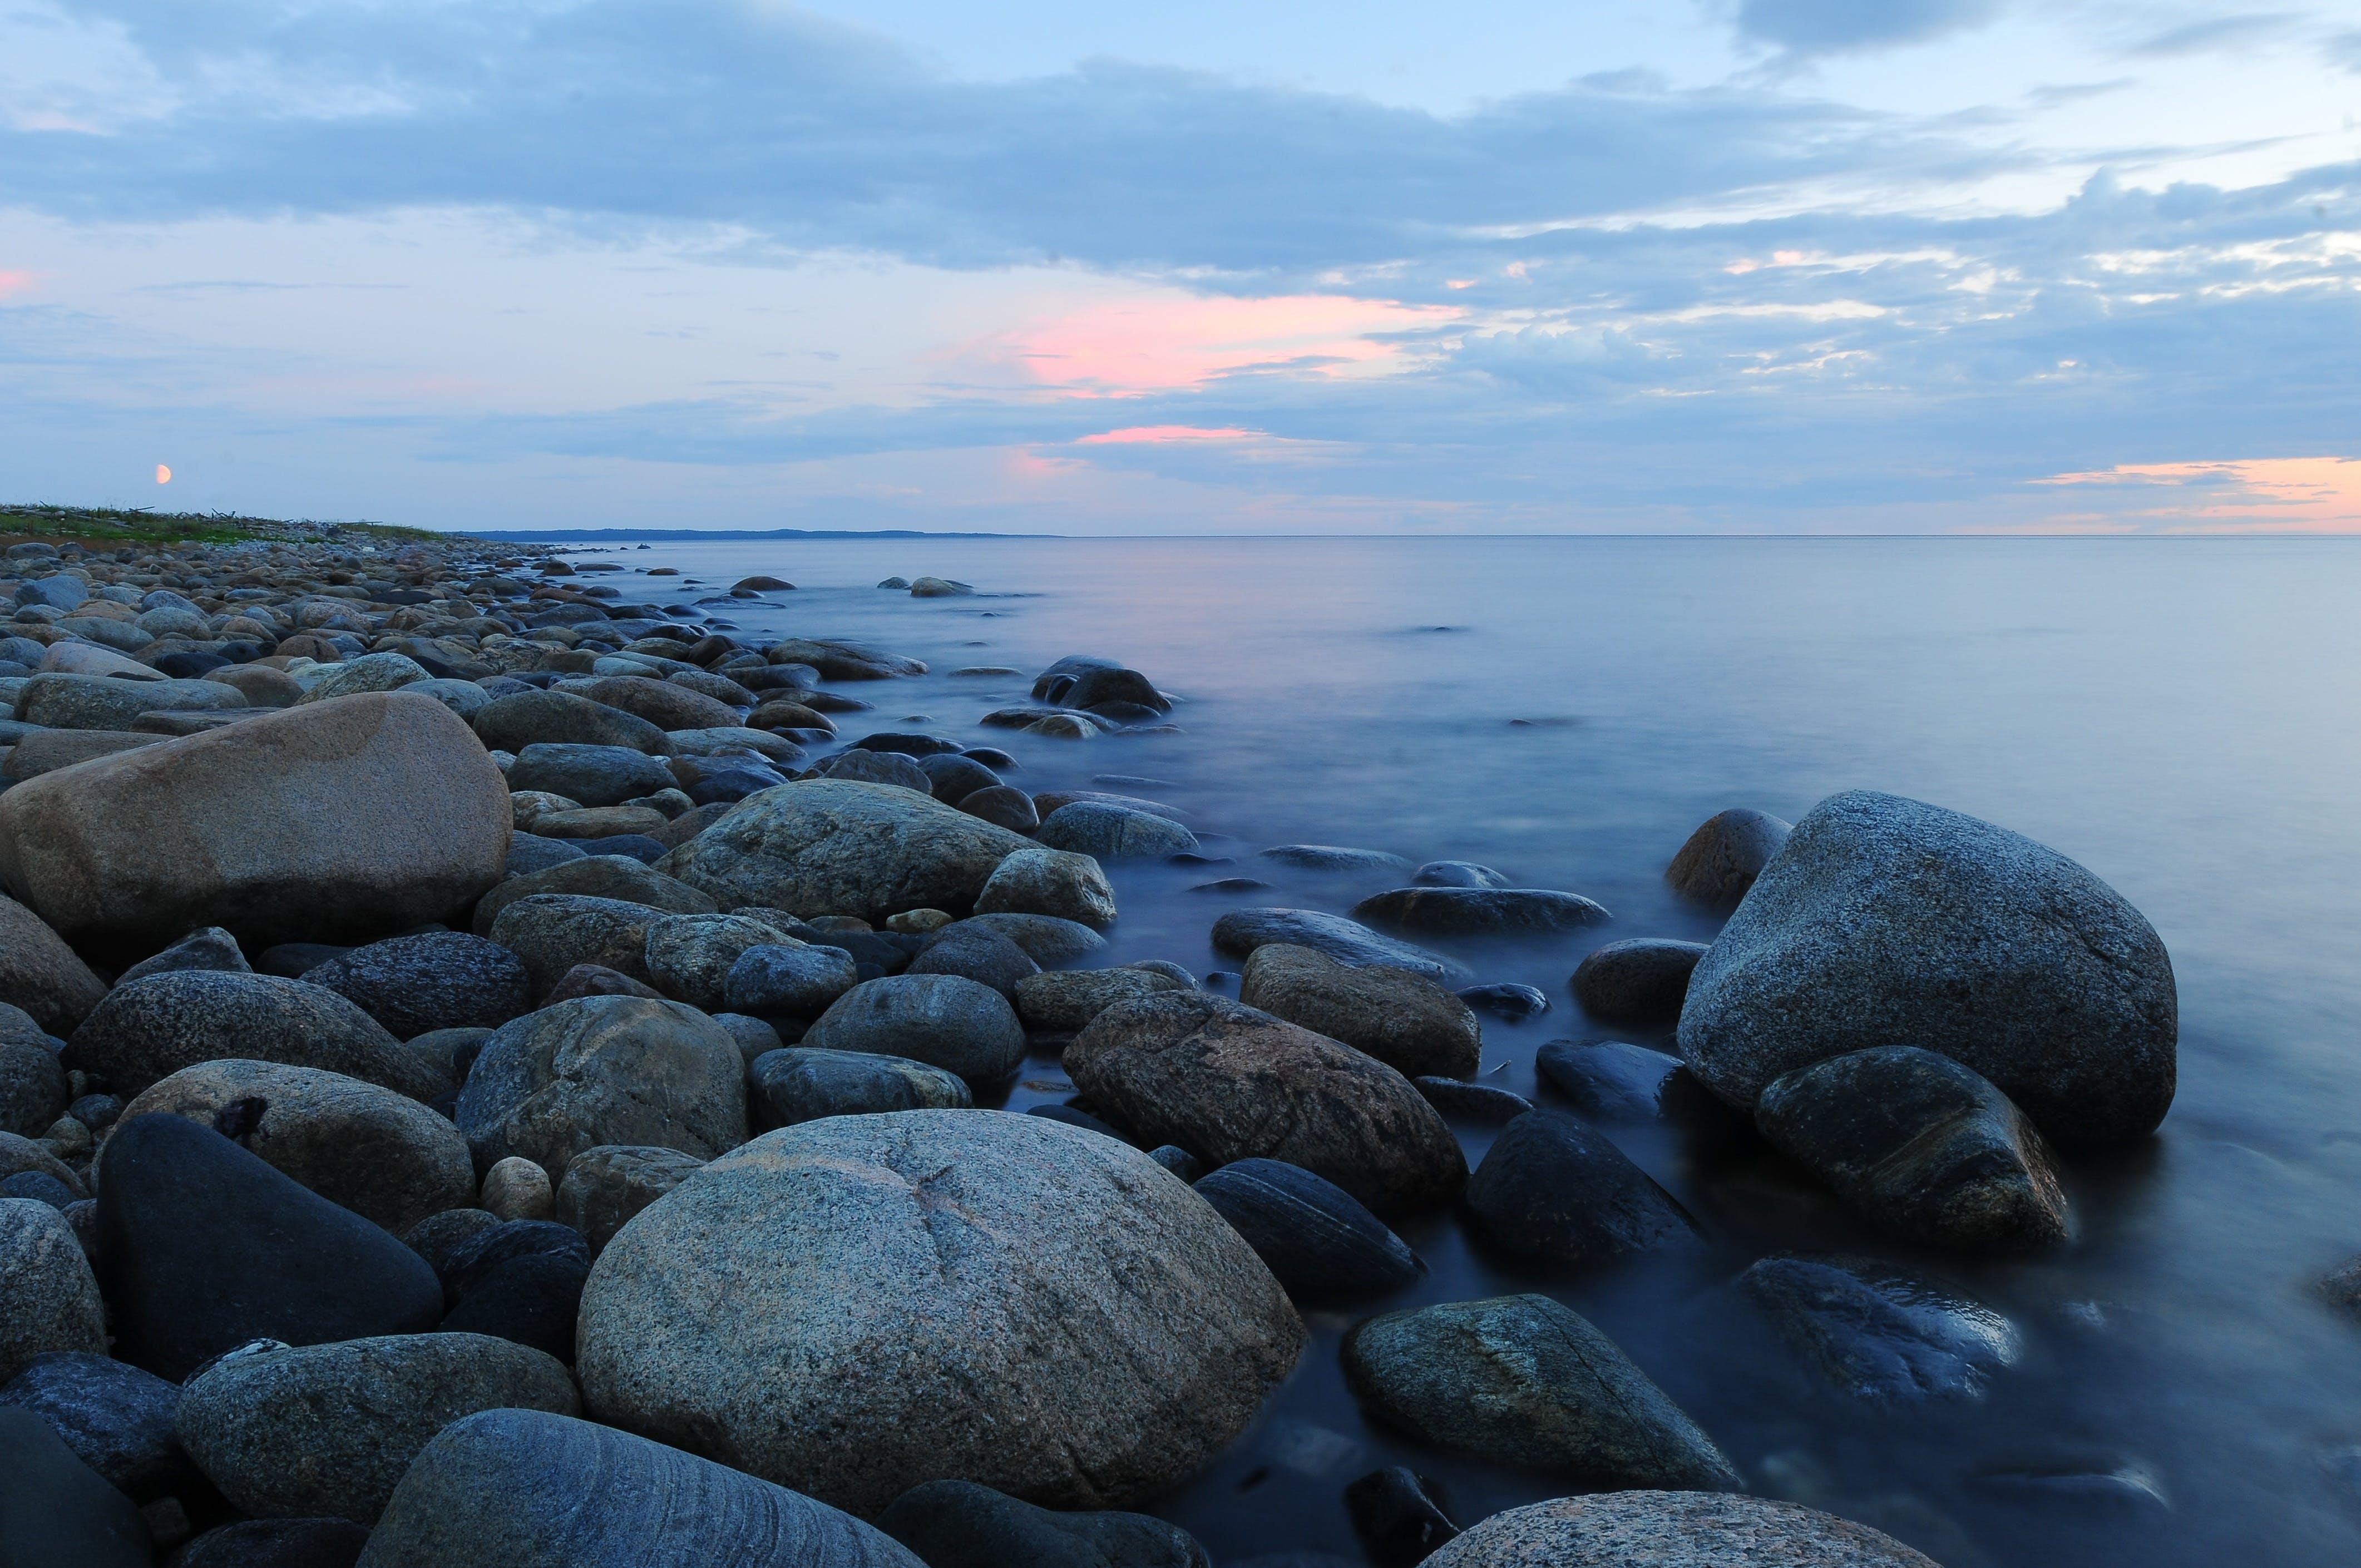 aften, bølge, hav